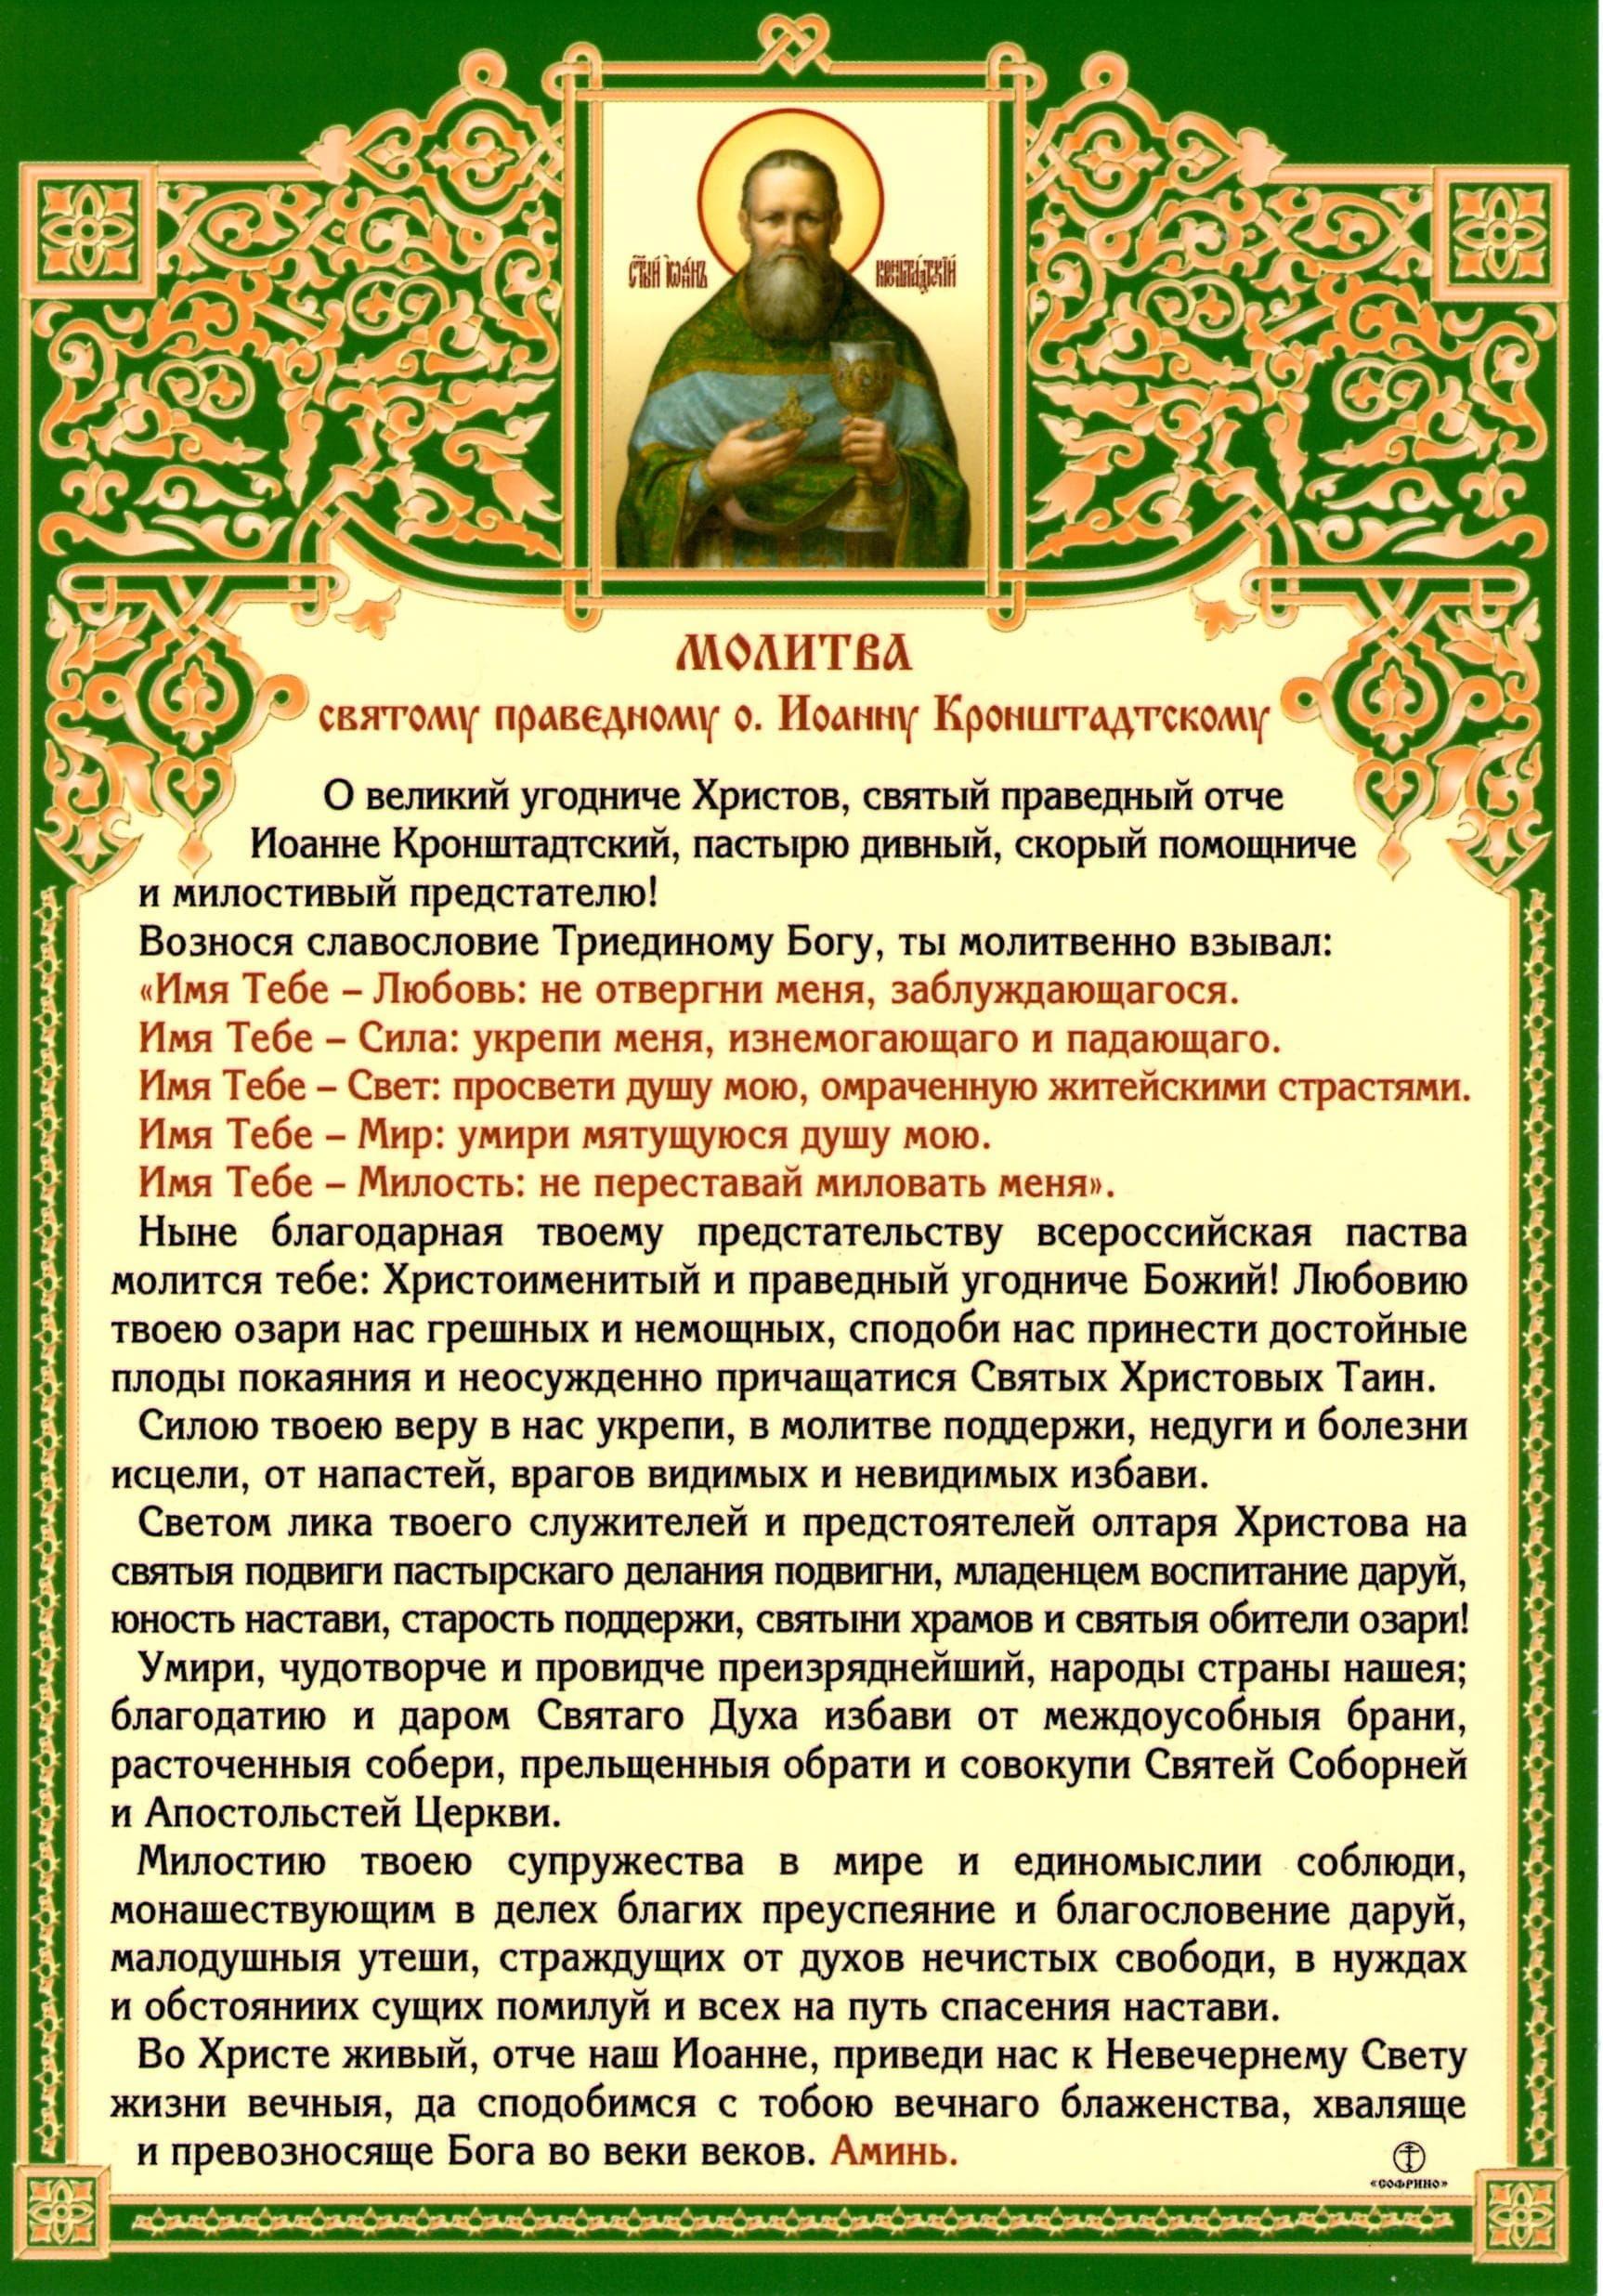 Молитва святому праведному о. Иоанну Кронштадтскому